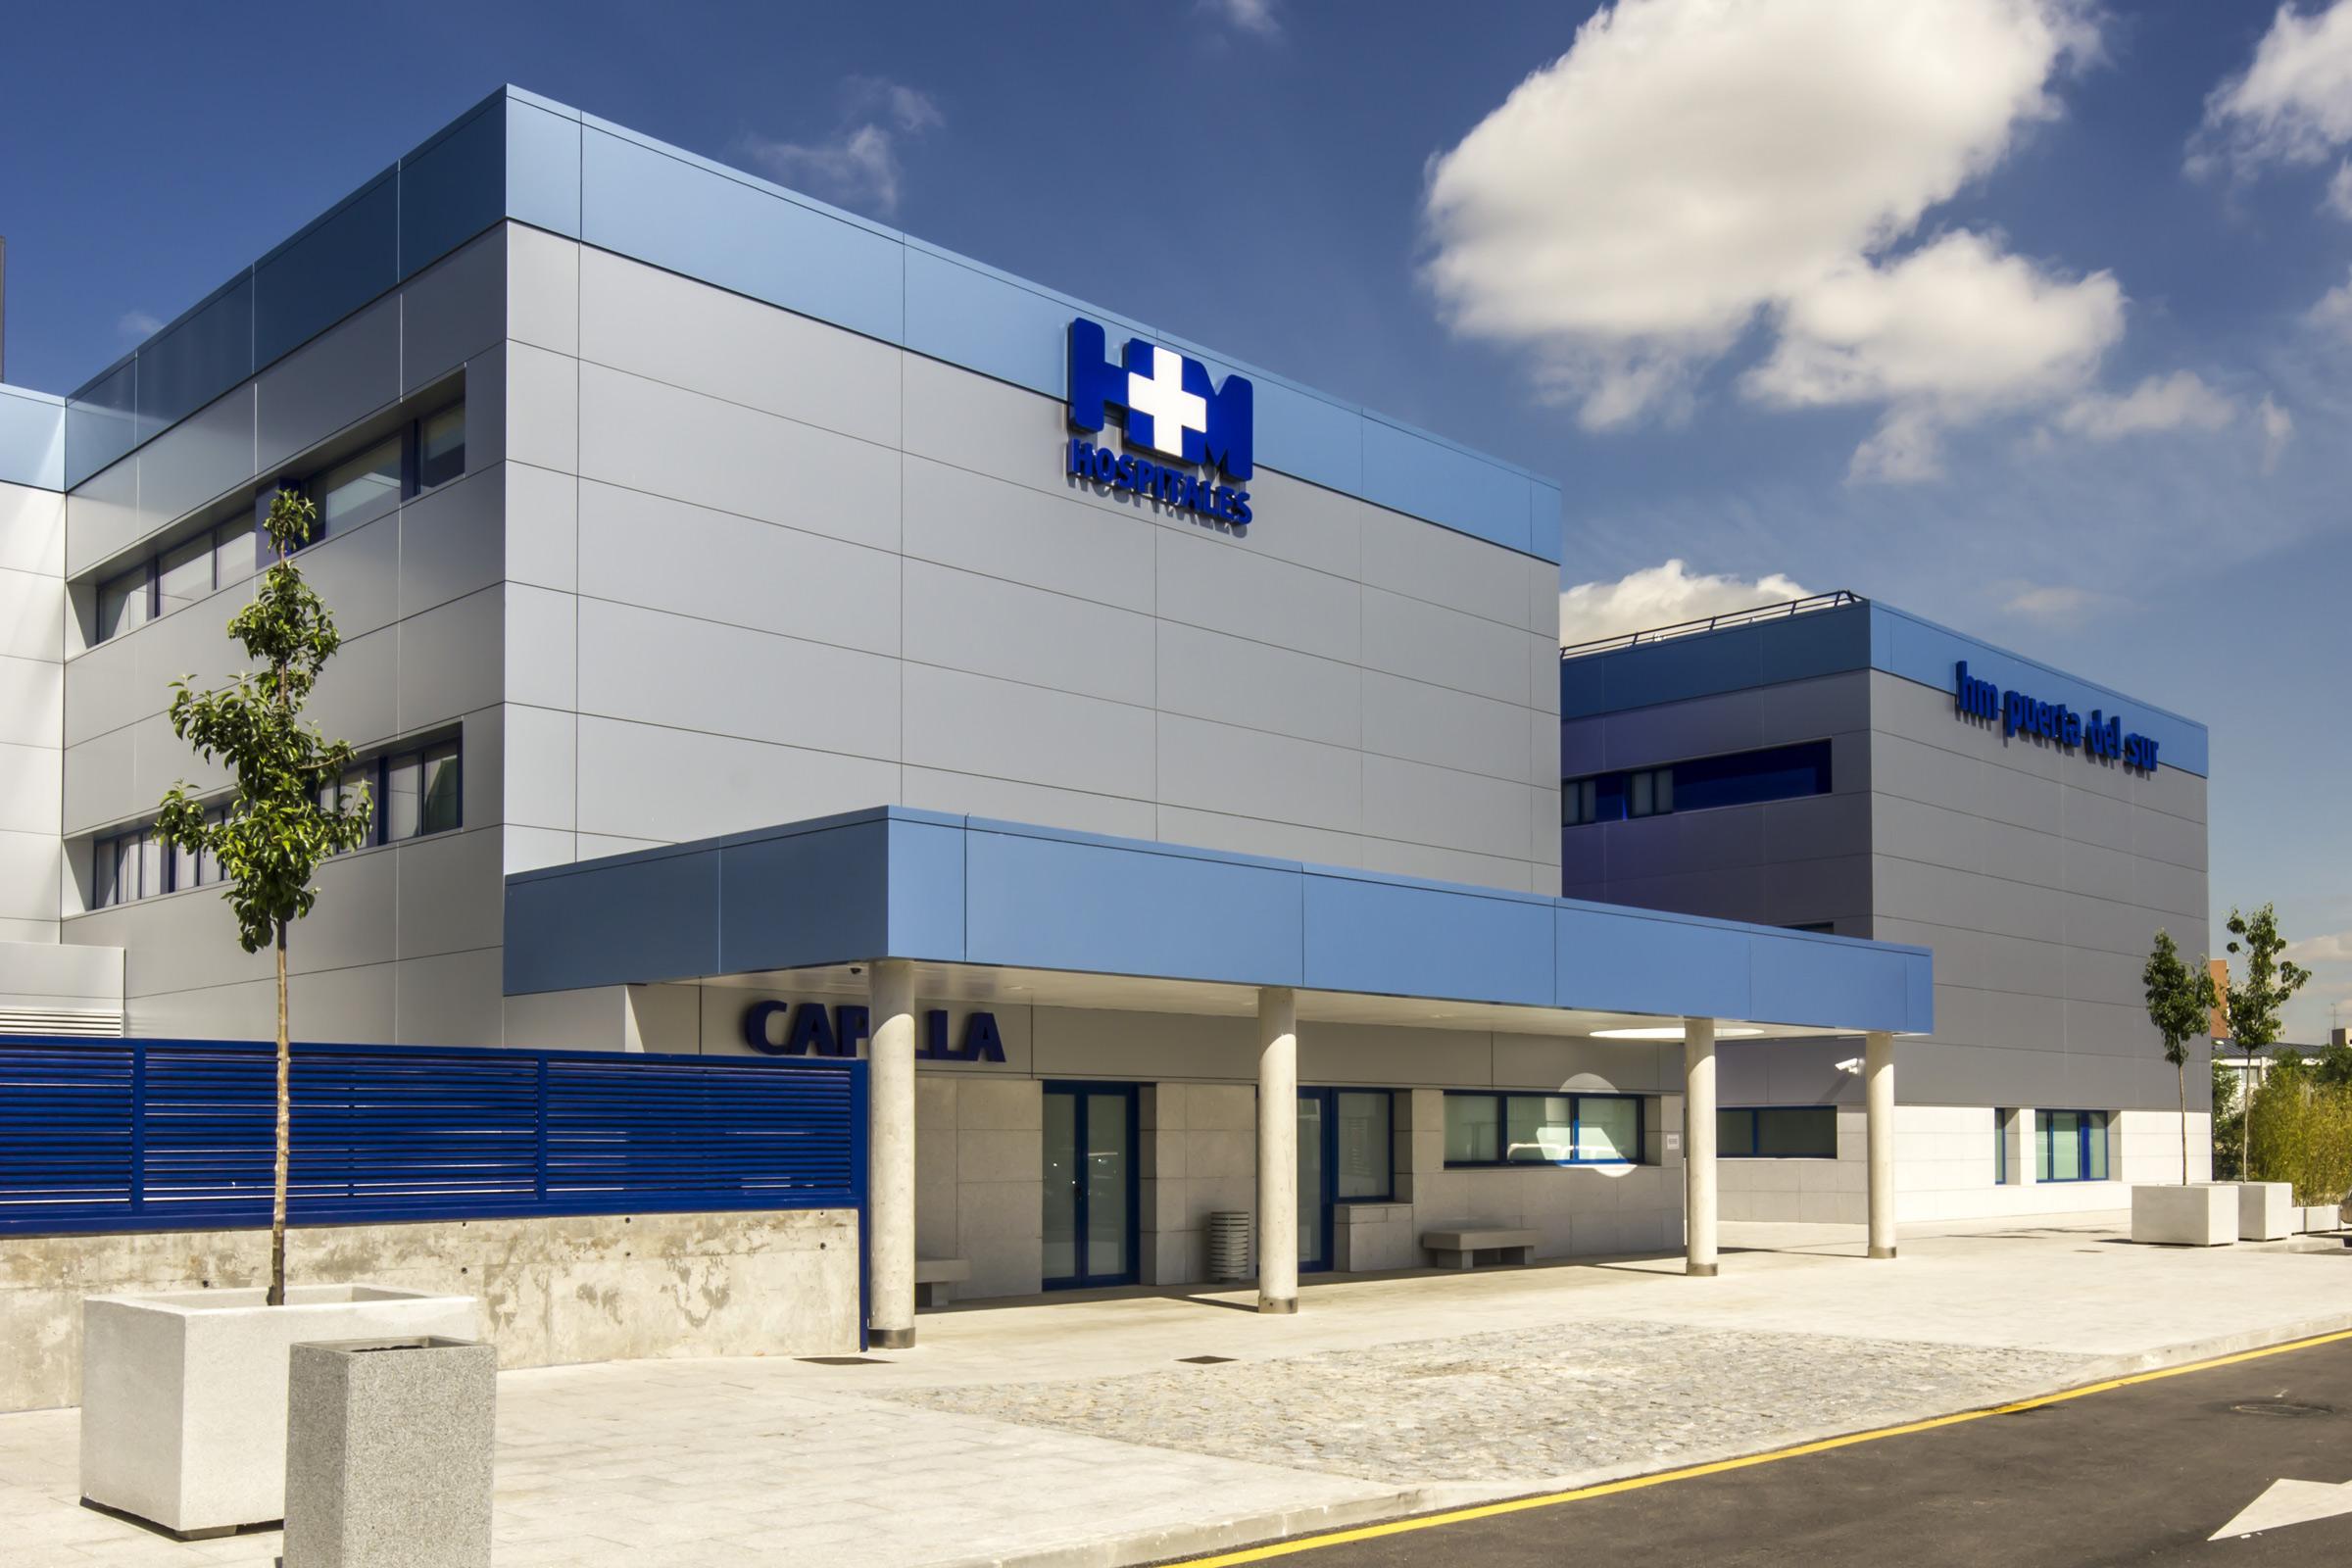 hm-puerta-del-sur-hospital-STB-409